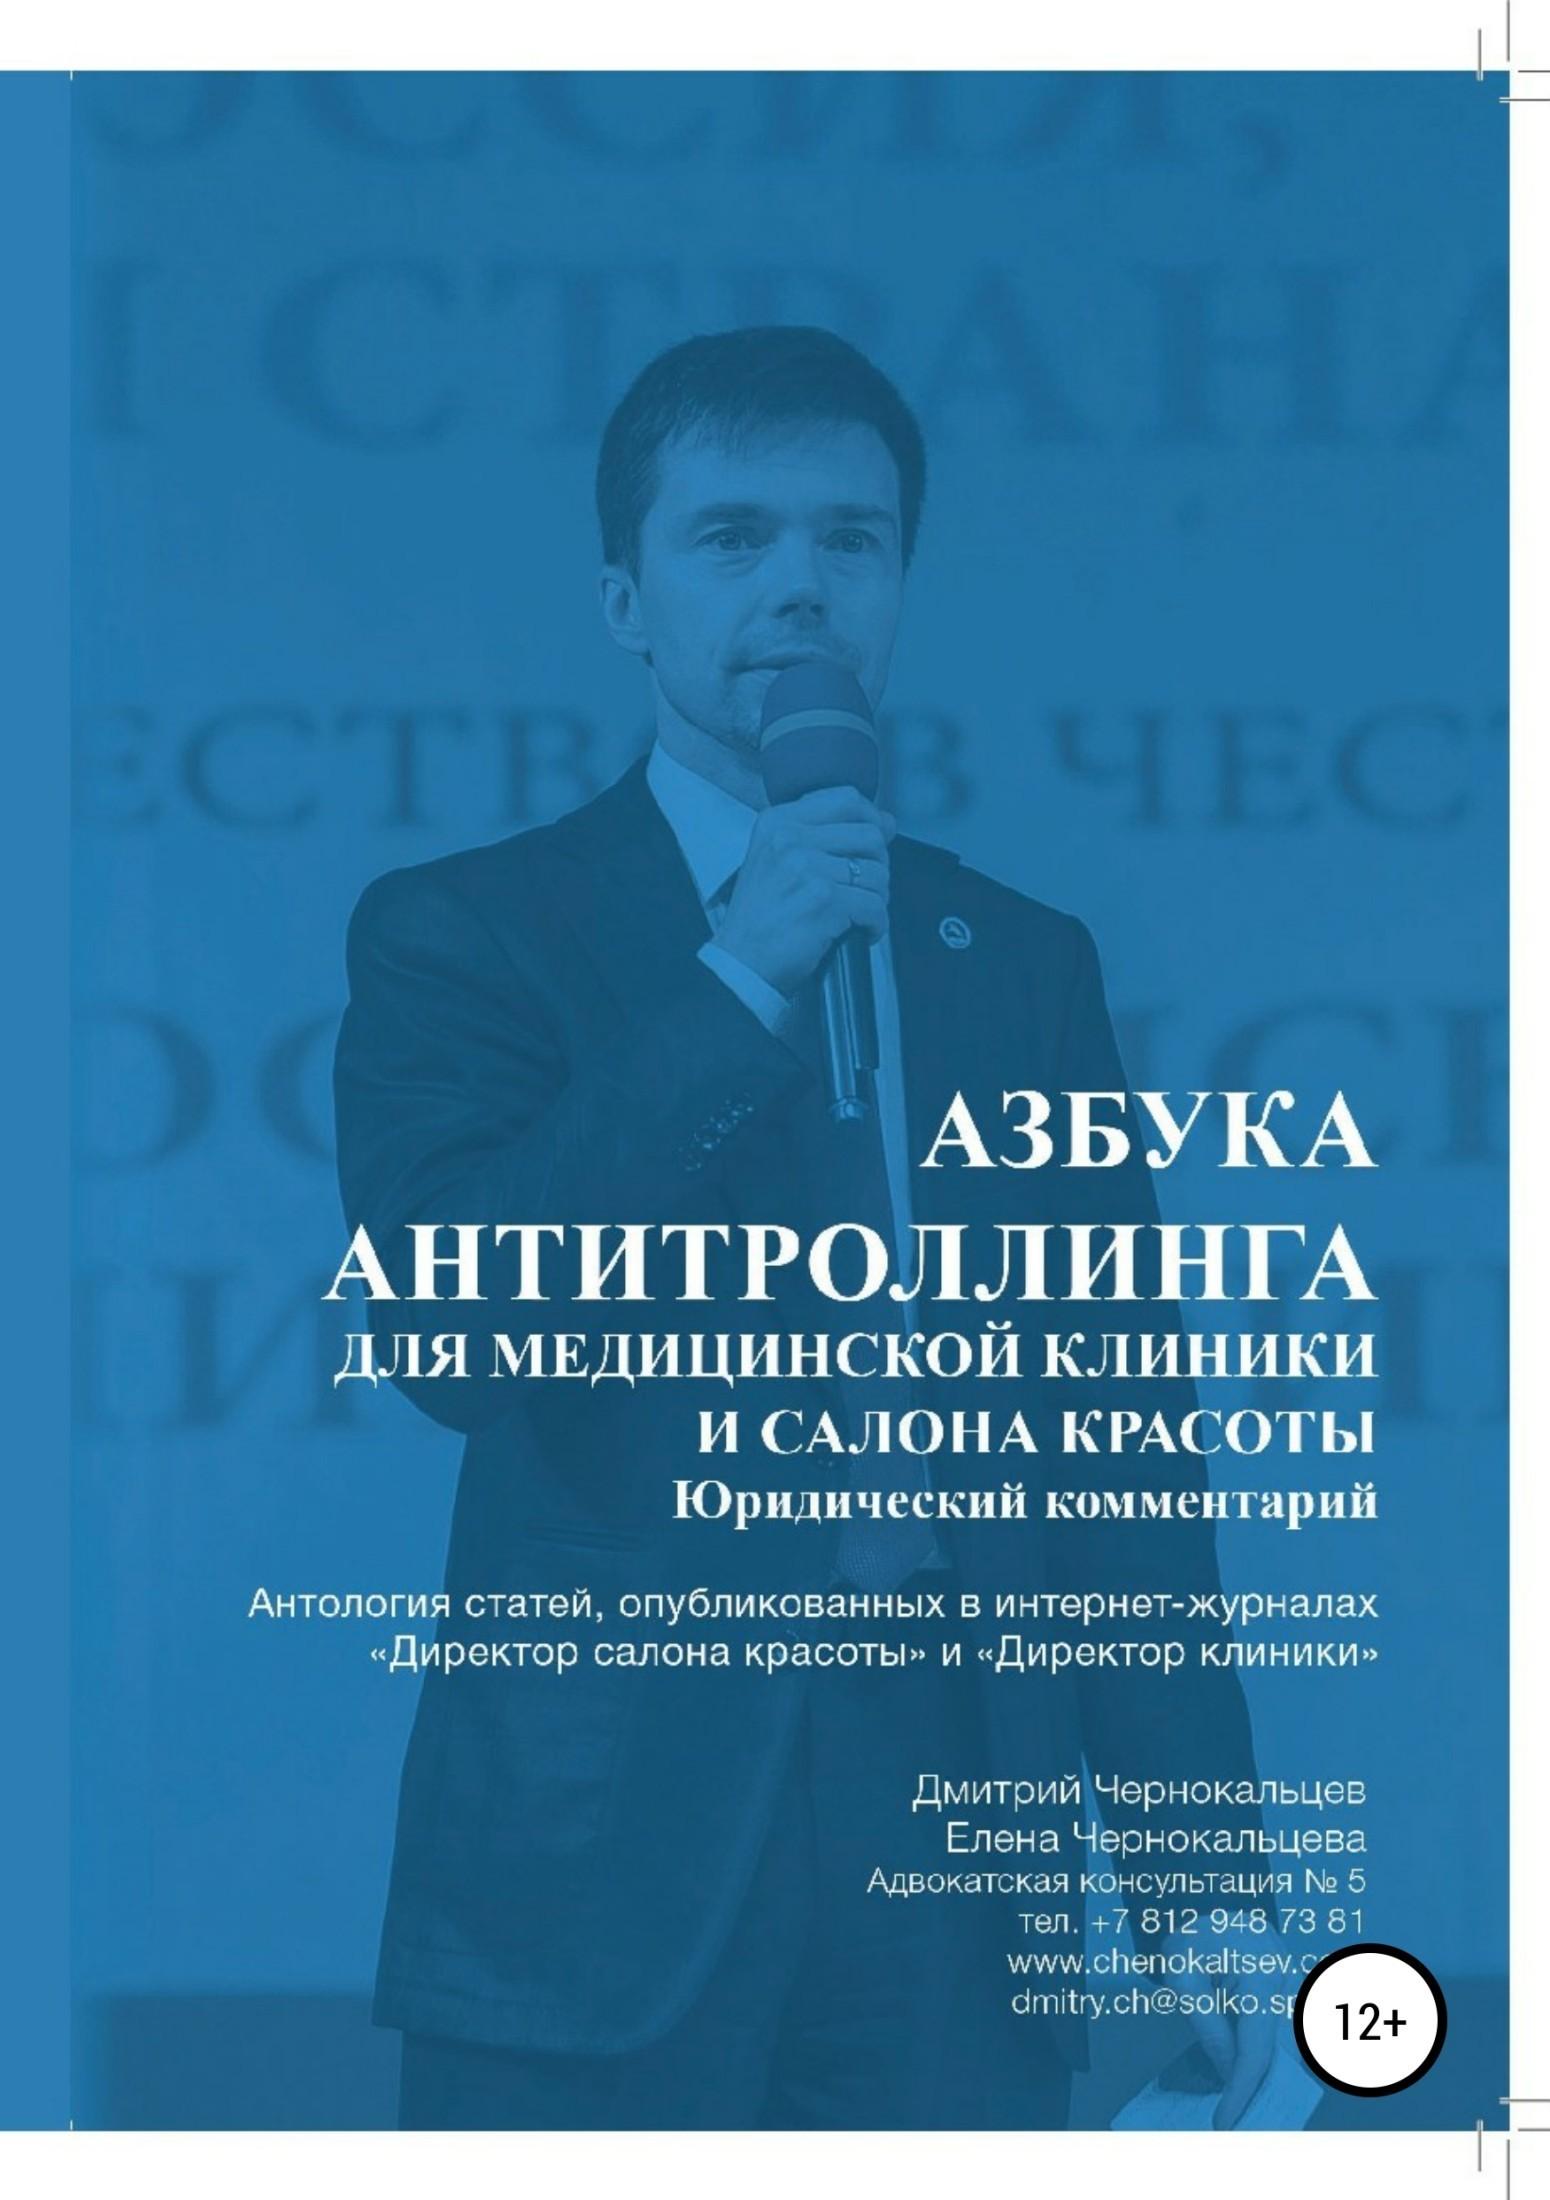 Дмитрий Андреевич Чернокальцев Азбука антитроллинга для медицинской клиники и салона красоты